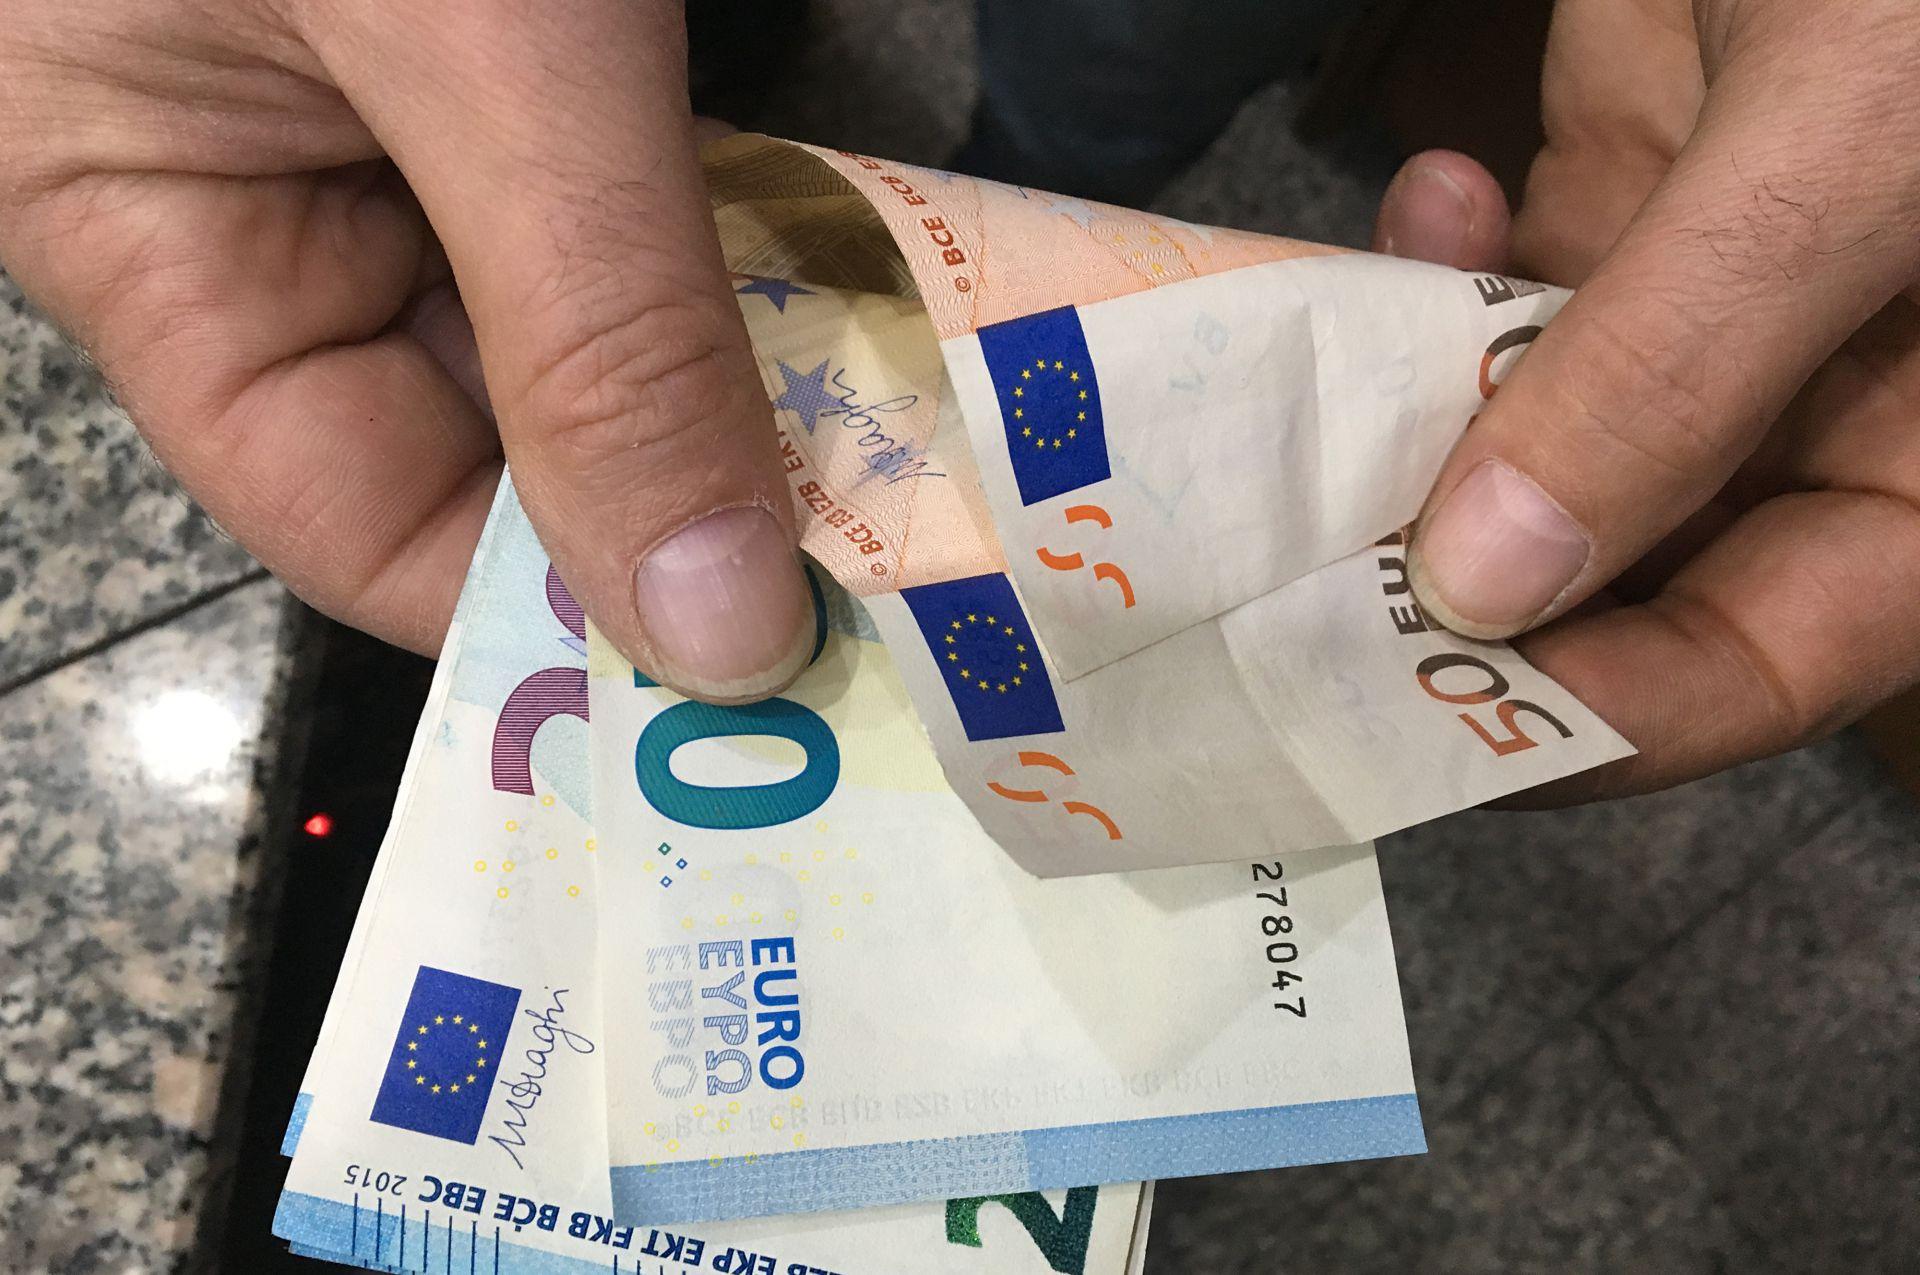 Prestiti a tassi illegali, sei ordinanze di custodia cautelare a Taranto